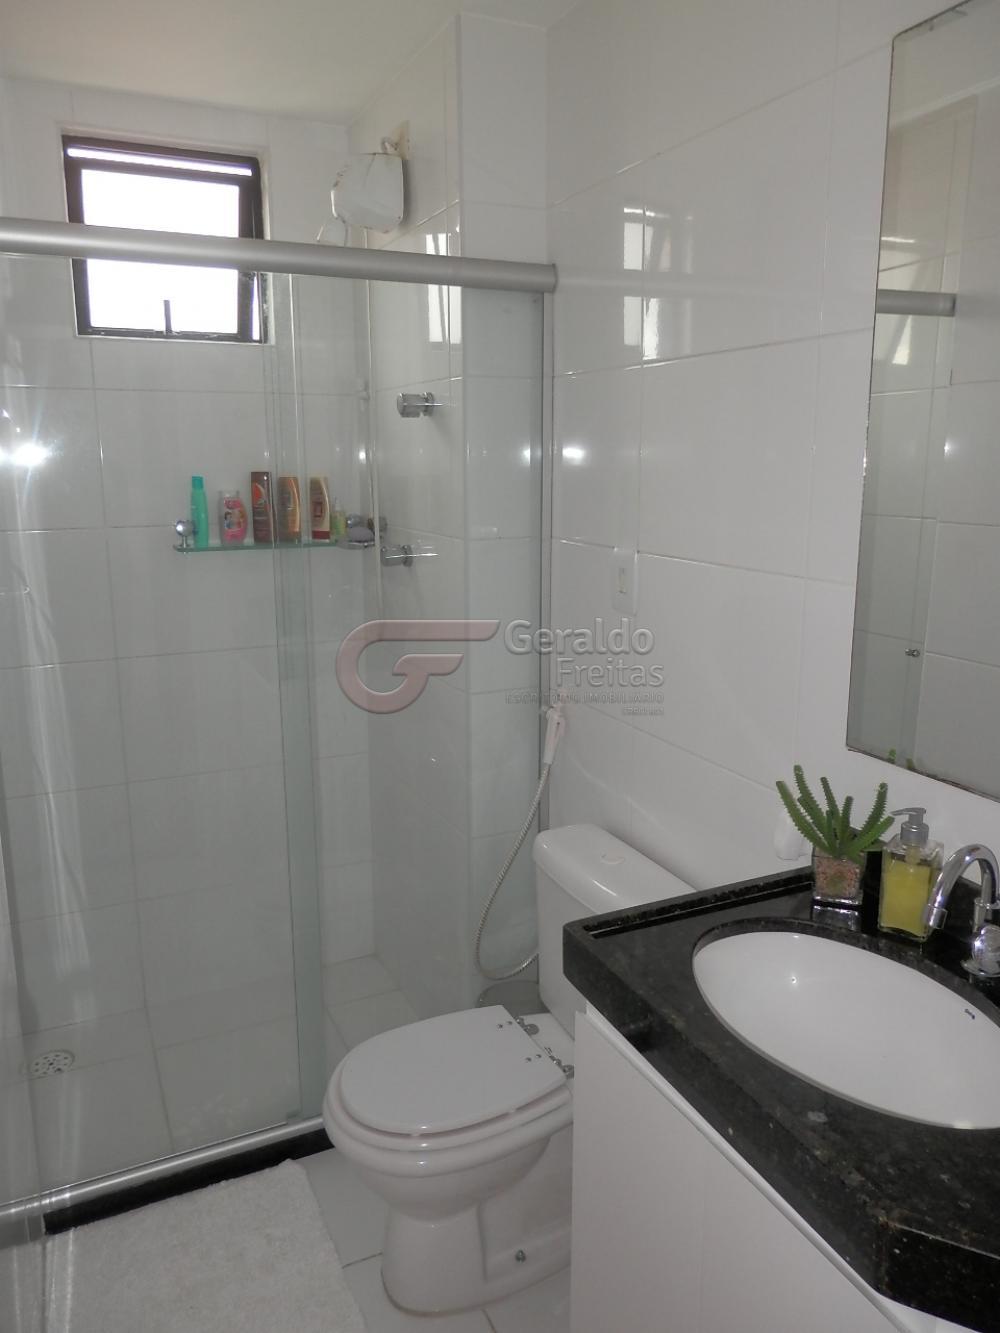 Comprar Apartamentos / Padrão em Maceió apenas R$ 650.000,00 - Foto 14